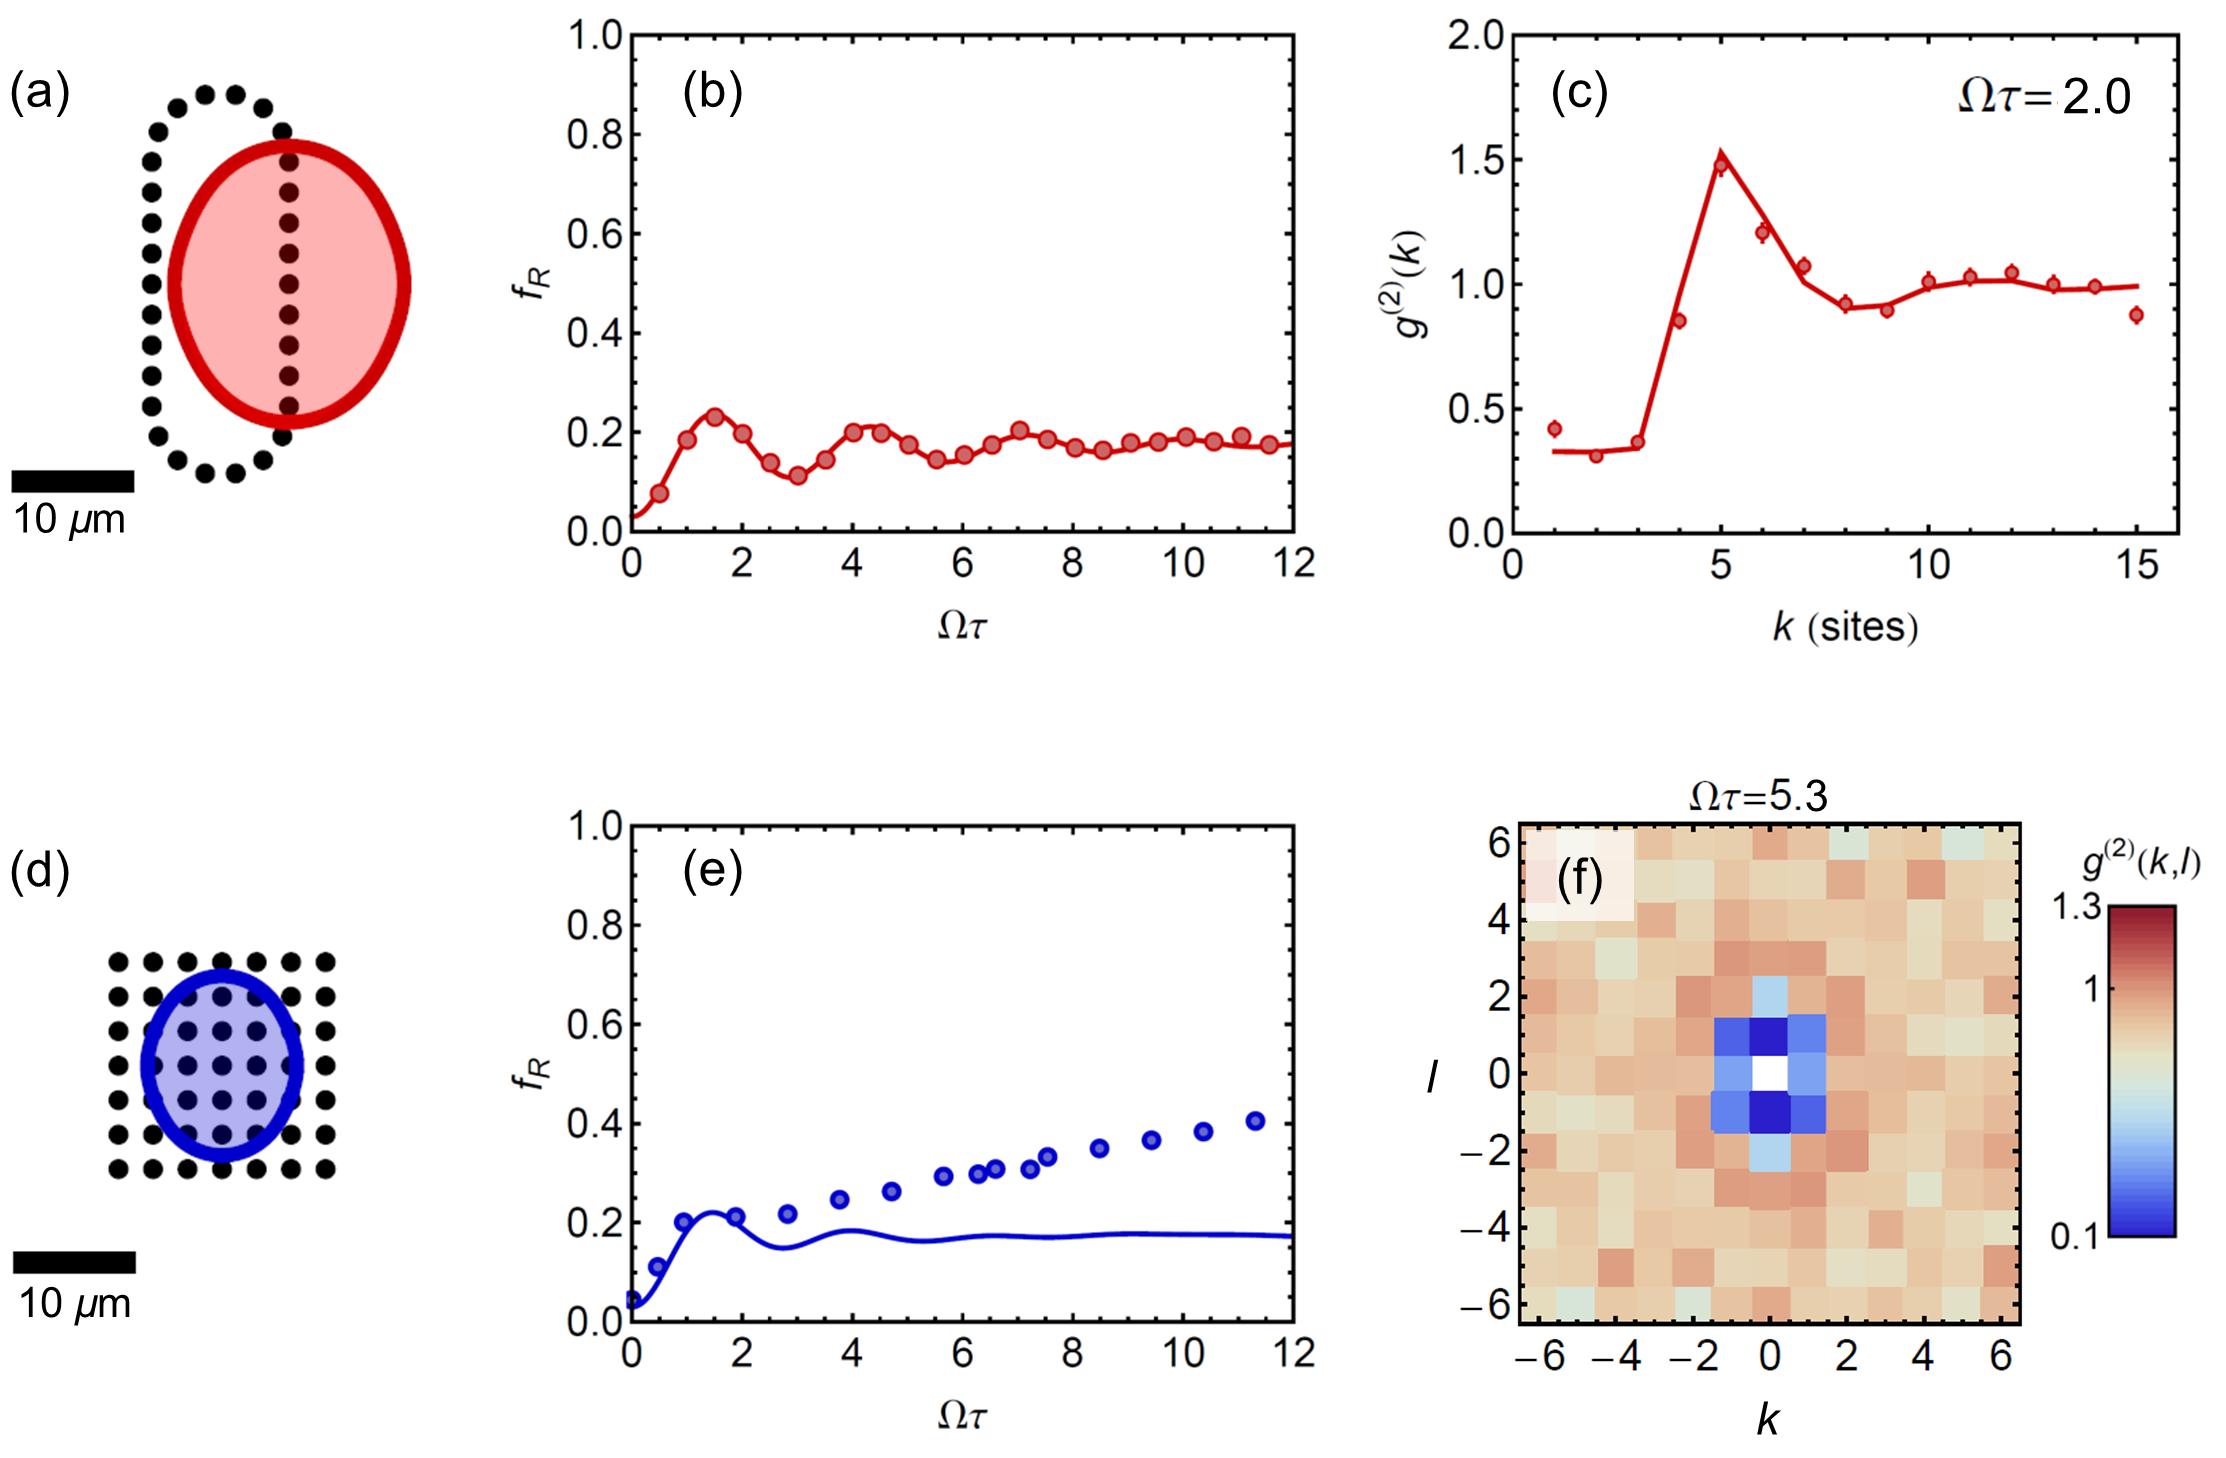 Si nos fijamos bien, en la figura (e) podemos ver una diferencia entre los datos experimentales (circulos) y la teoría (linea azul): esto es posiblemente debido a que la teoría utilizada esta simplificando demasiado el problema